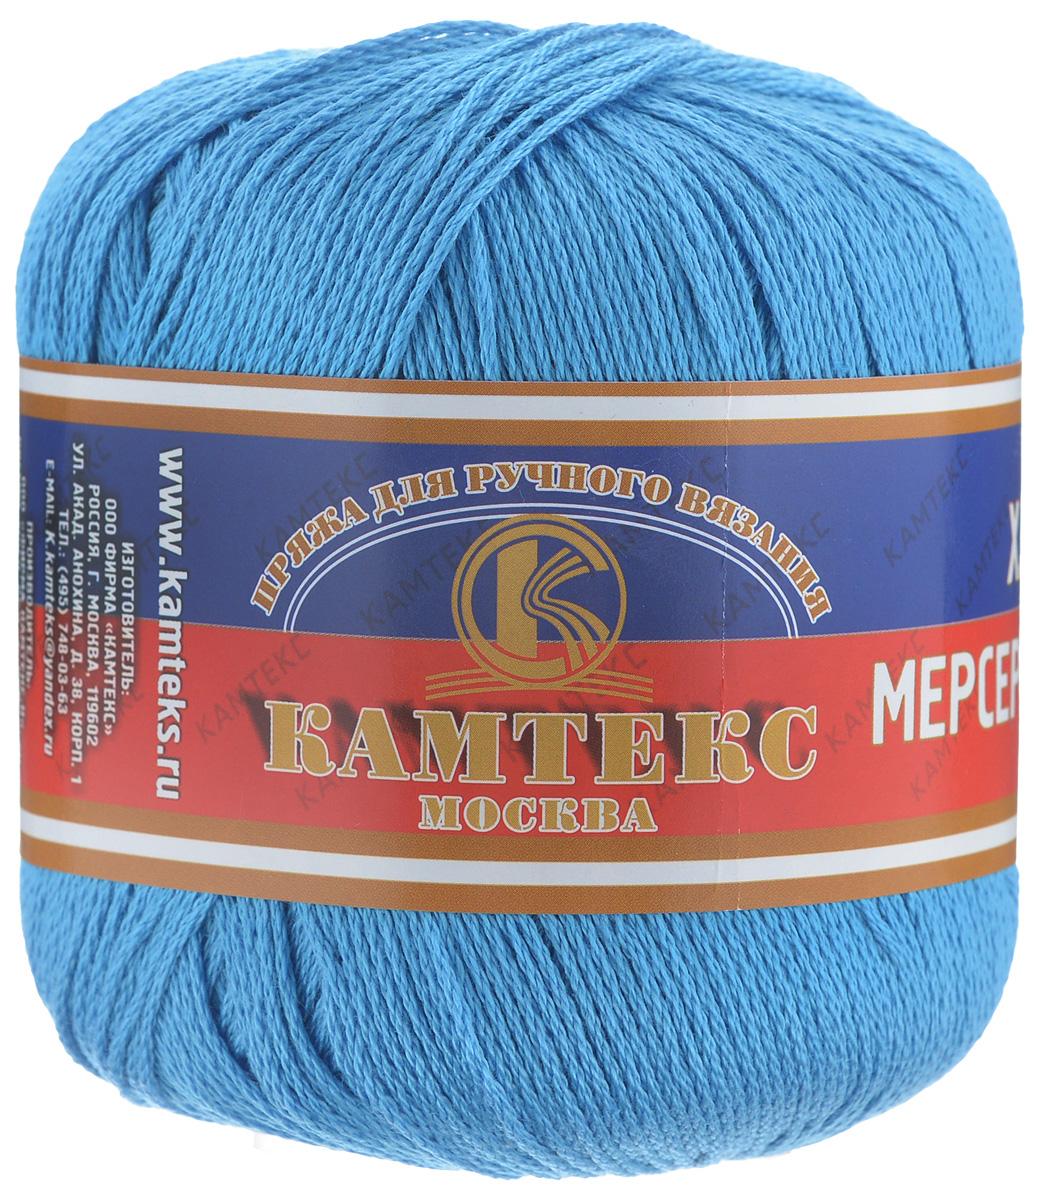 Пряжа для вязания Камтекс Хлопок мерсеризованный, цвет: мадонна (018), 200 м, 50 г, 10 шт - Камтекс136093_018Пряжа для вязания Камтекс Хлопок мерсеризованный изготовлена из 100% хлопка. Это натуральный хлопок, прошедший обработку под названием